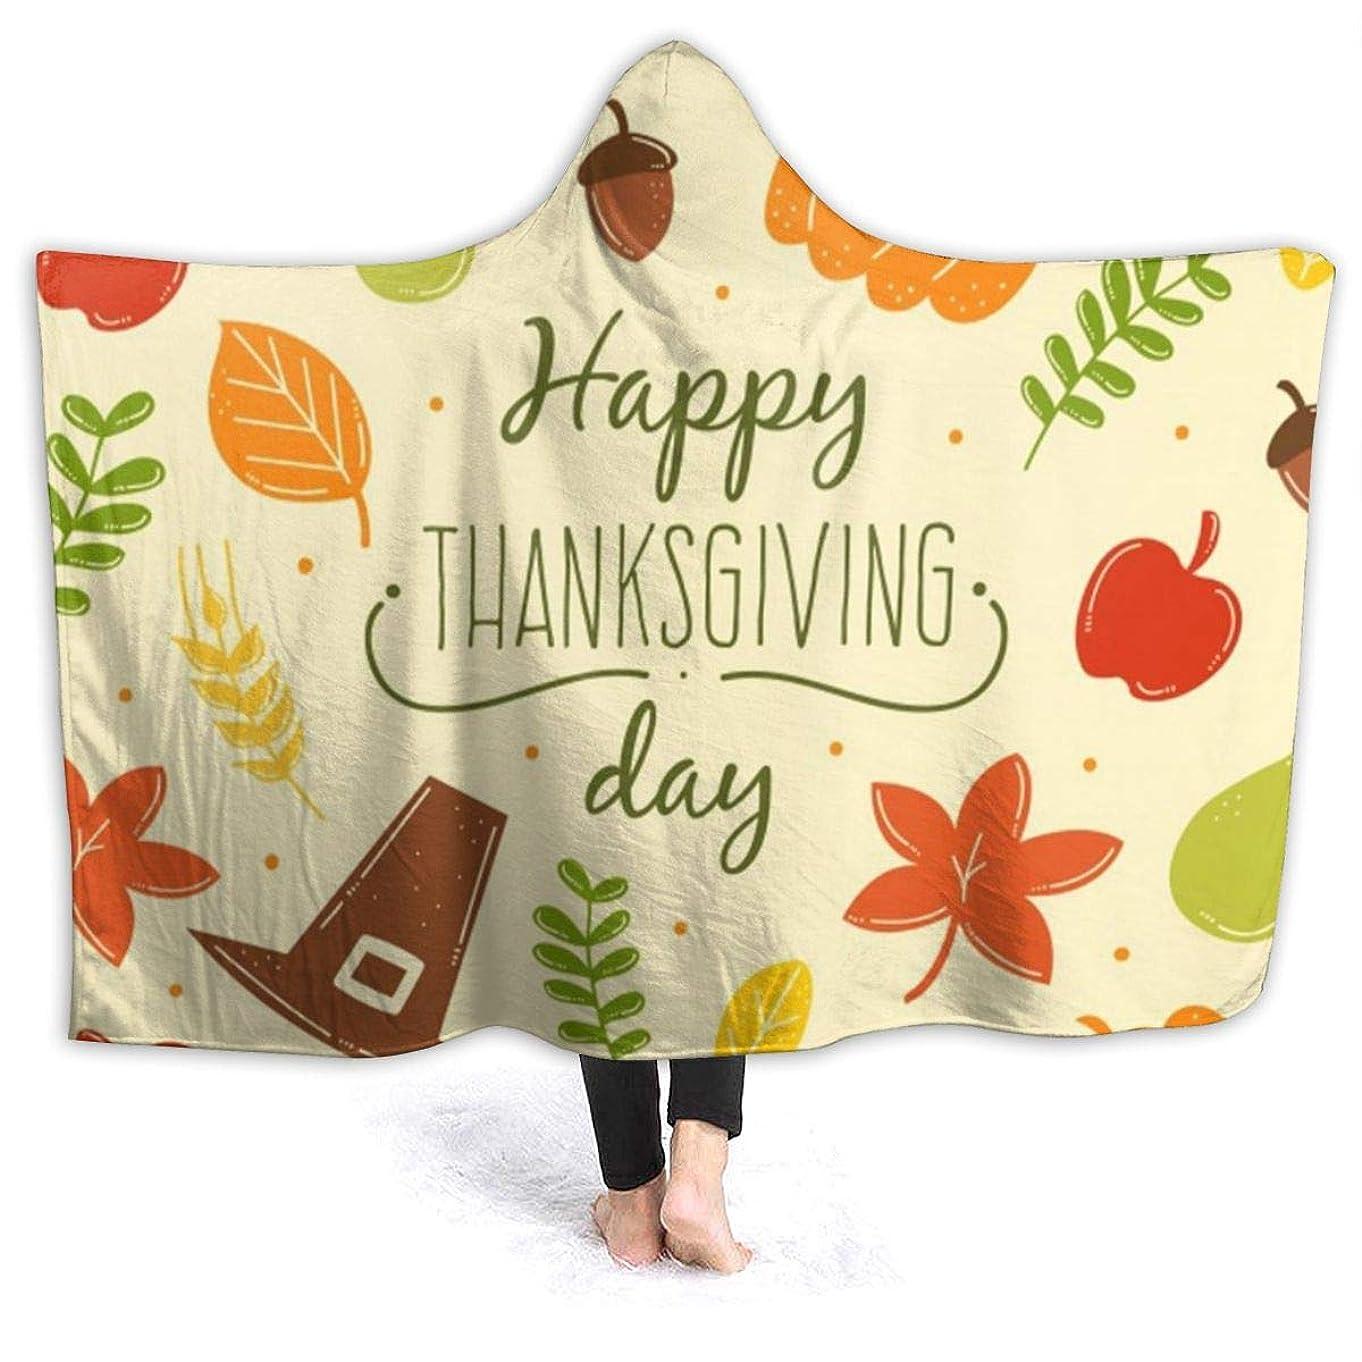 クリーク証拠浪費YONHXJLAZ Thanksgiving Pattern 毛布 フード付き ブランケット 大判 タオルケット厚手 オールシーズン快適 軽量 抗菌防臭 防ダニ加工 オシャレ 携帯用,車用,オフィス用